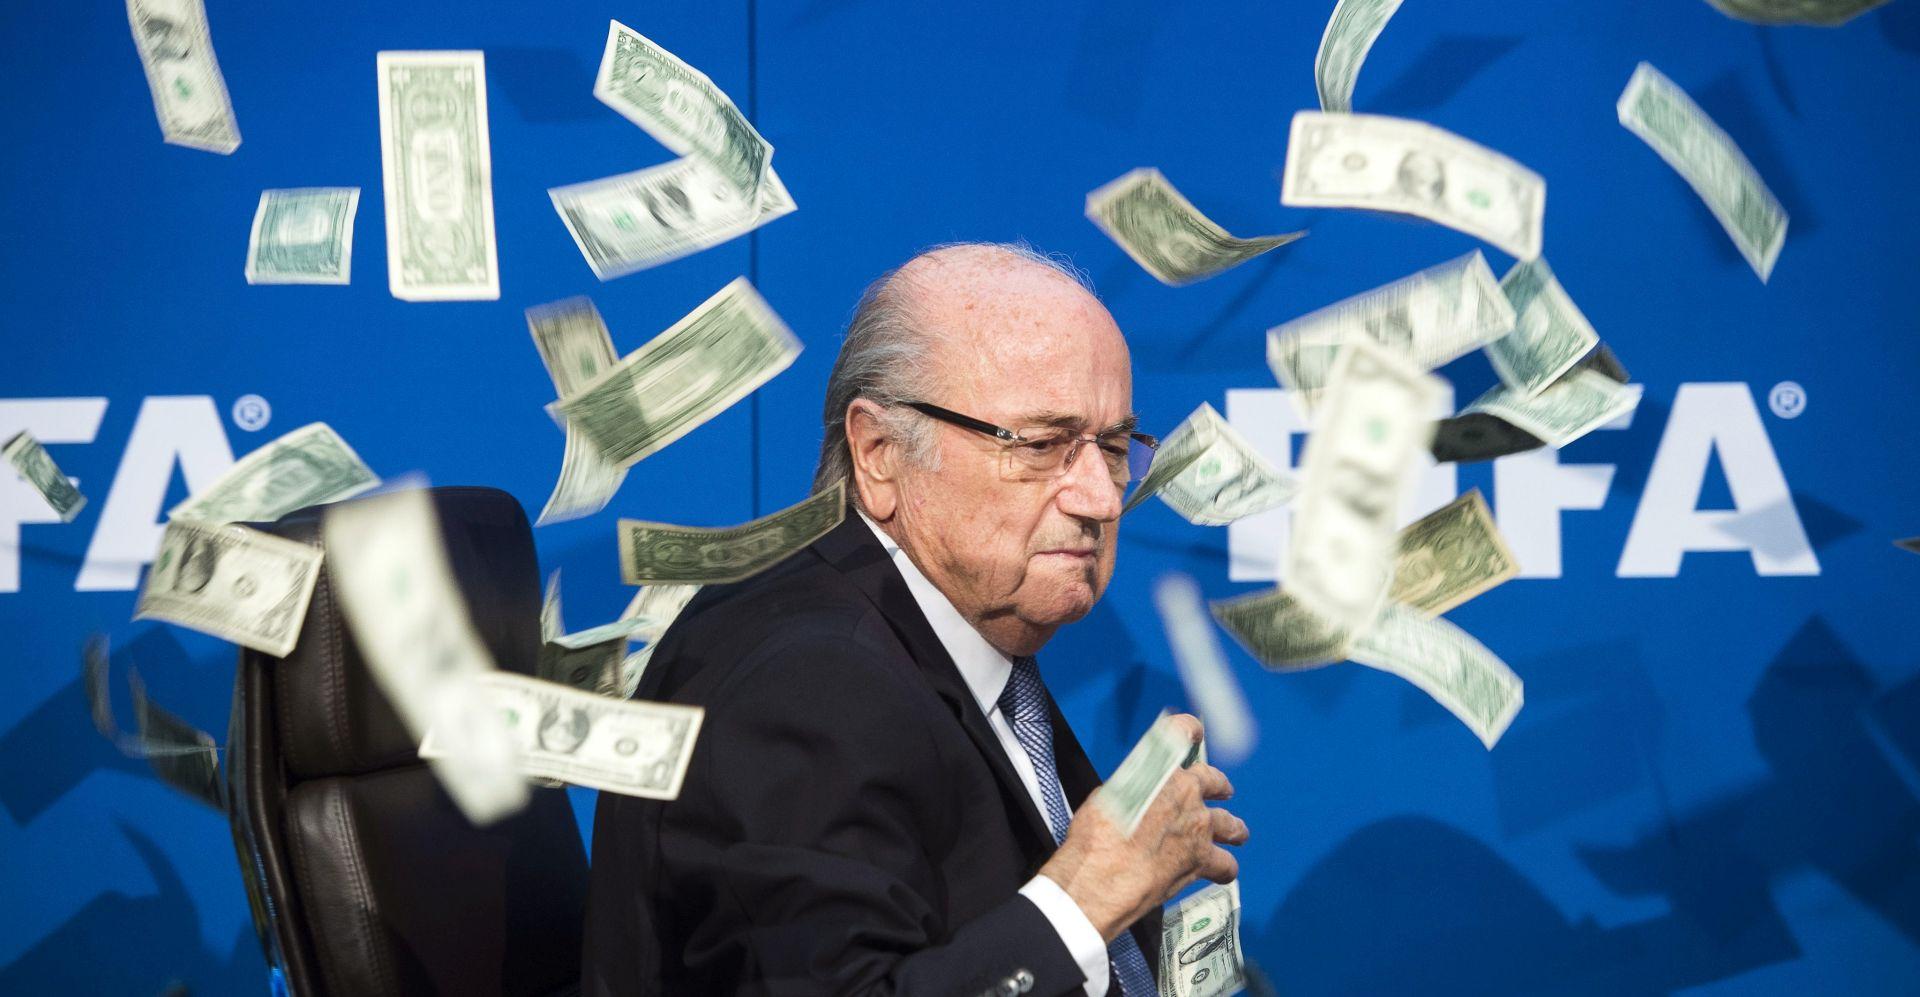 Njemački nogometni savez priznao isplatu 6,7 milijuna eura FIFA-i